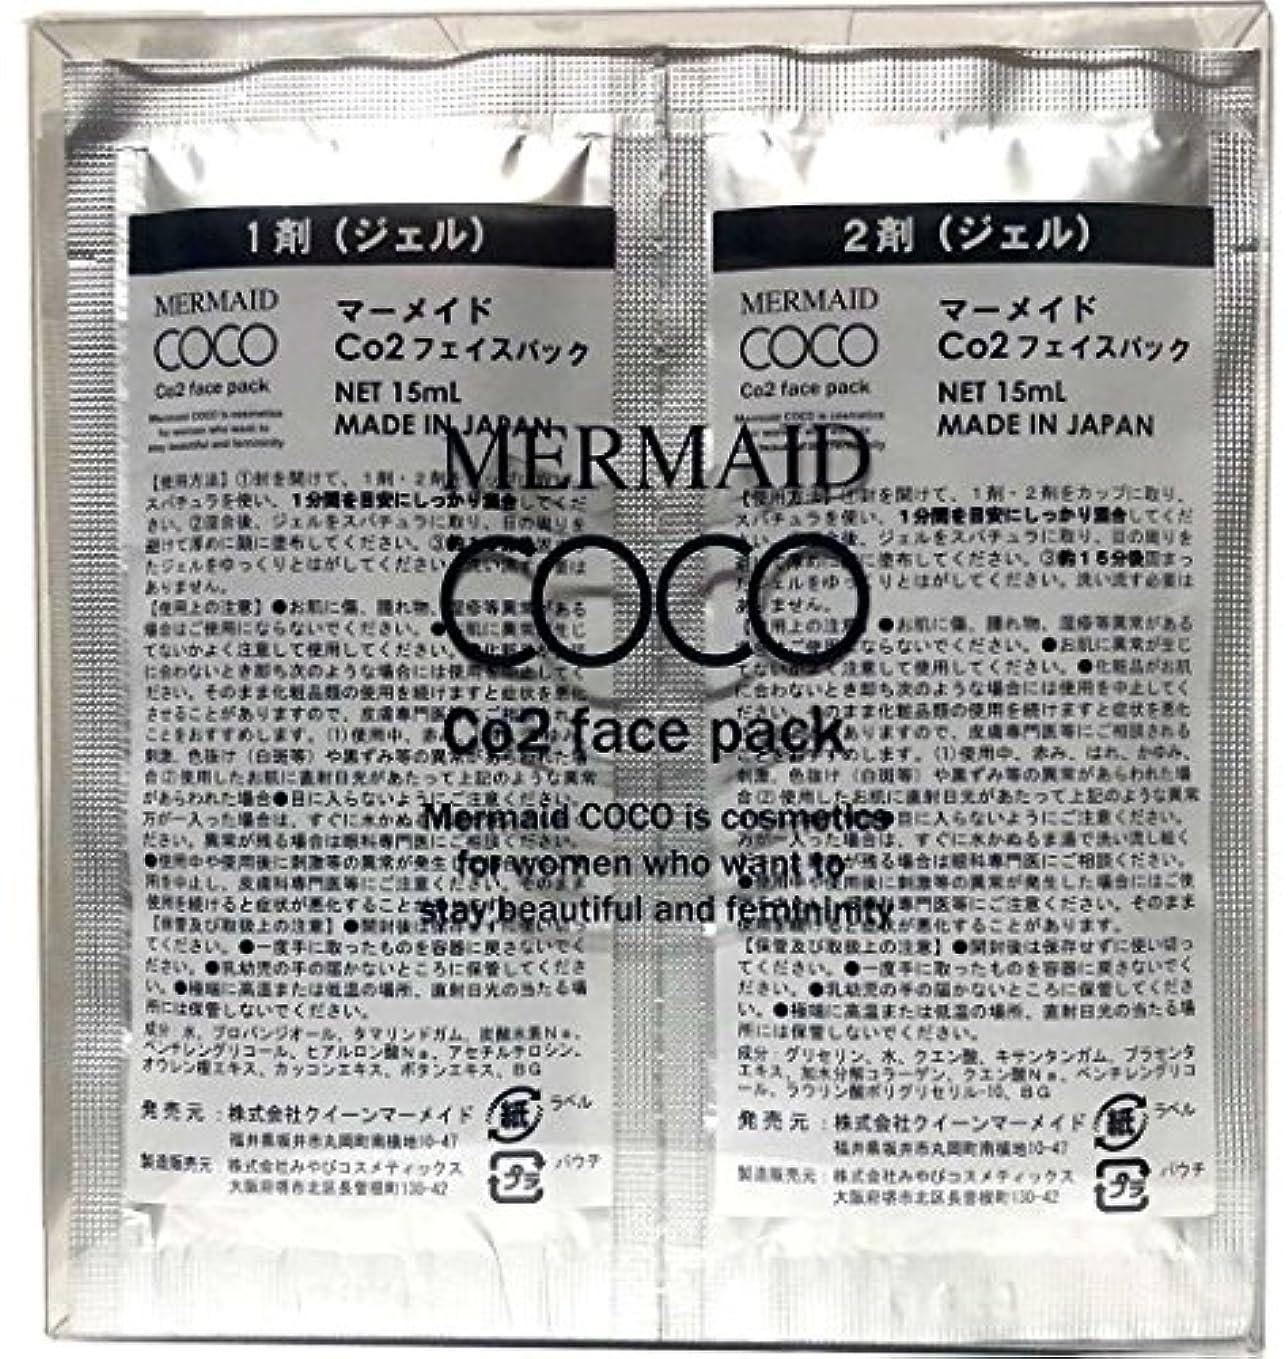 意図するテザーくぼみマーメイド ココ  MERMAID COCO Co2 フェイスパック 10回分